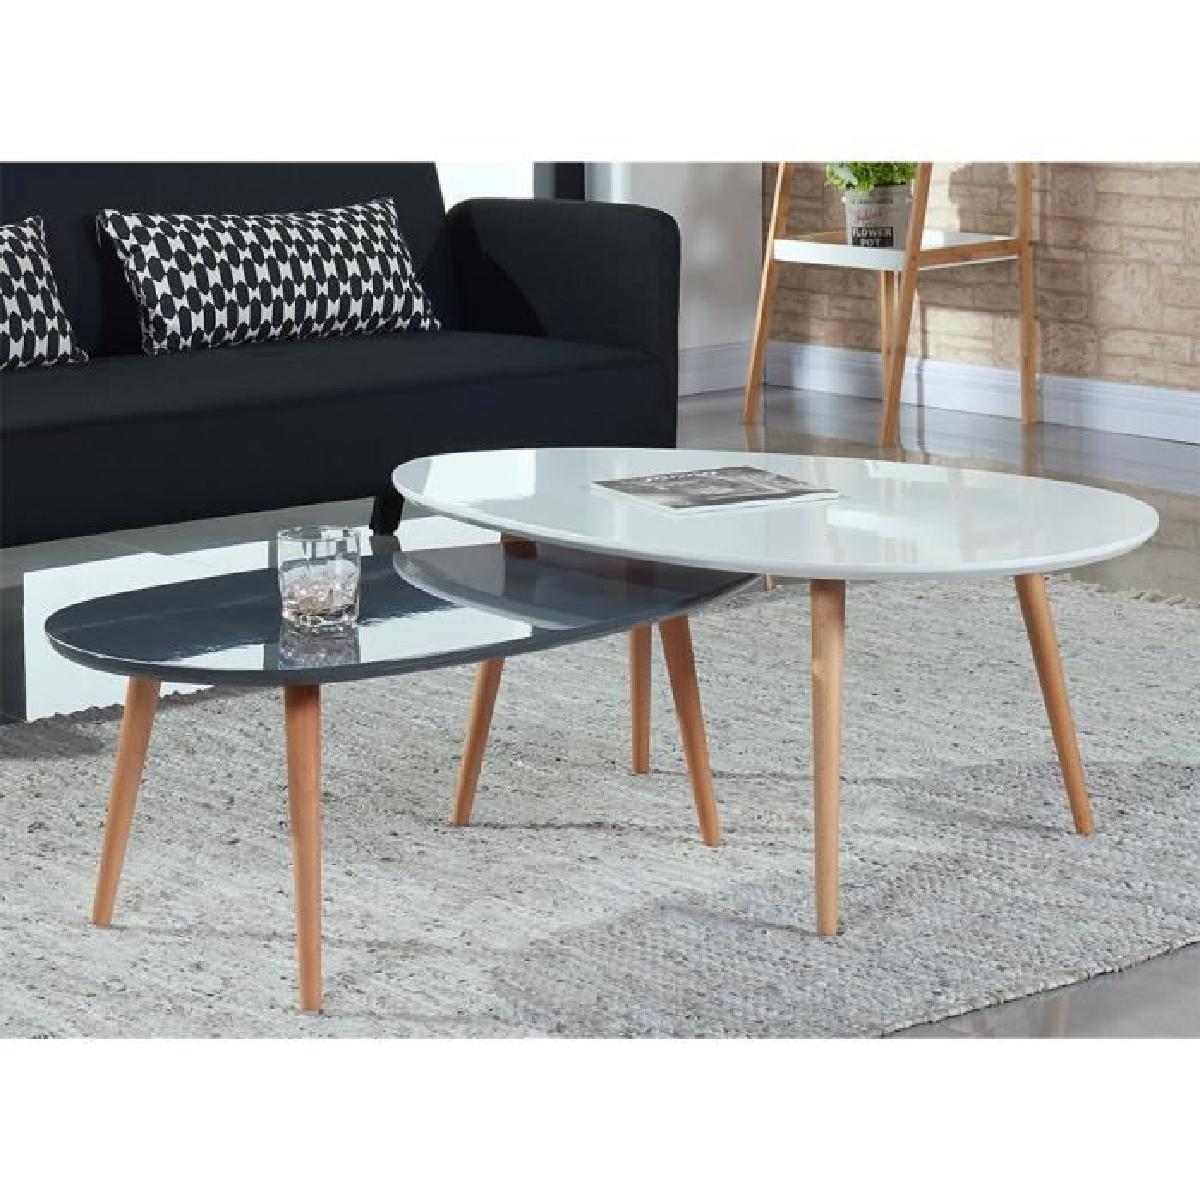 table basse scandinave grise et blanche lille. Black Bedroom Furniture Sets. Home Design Ideas